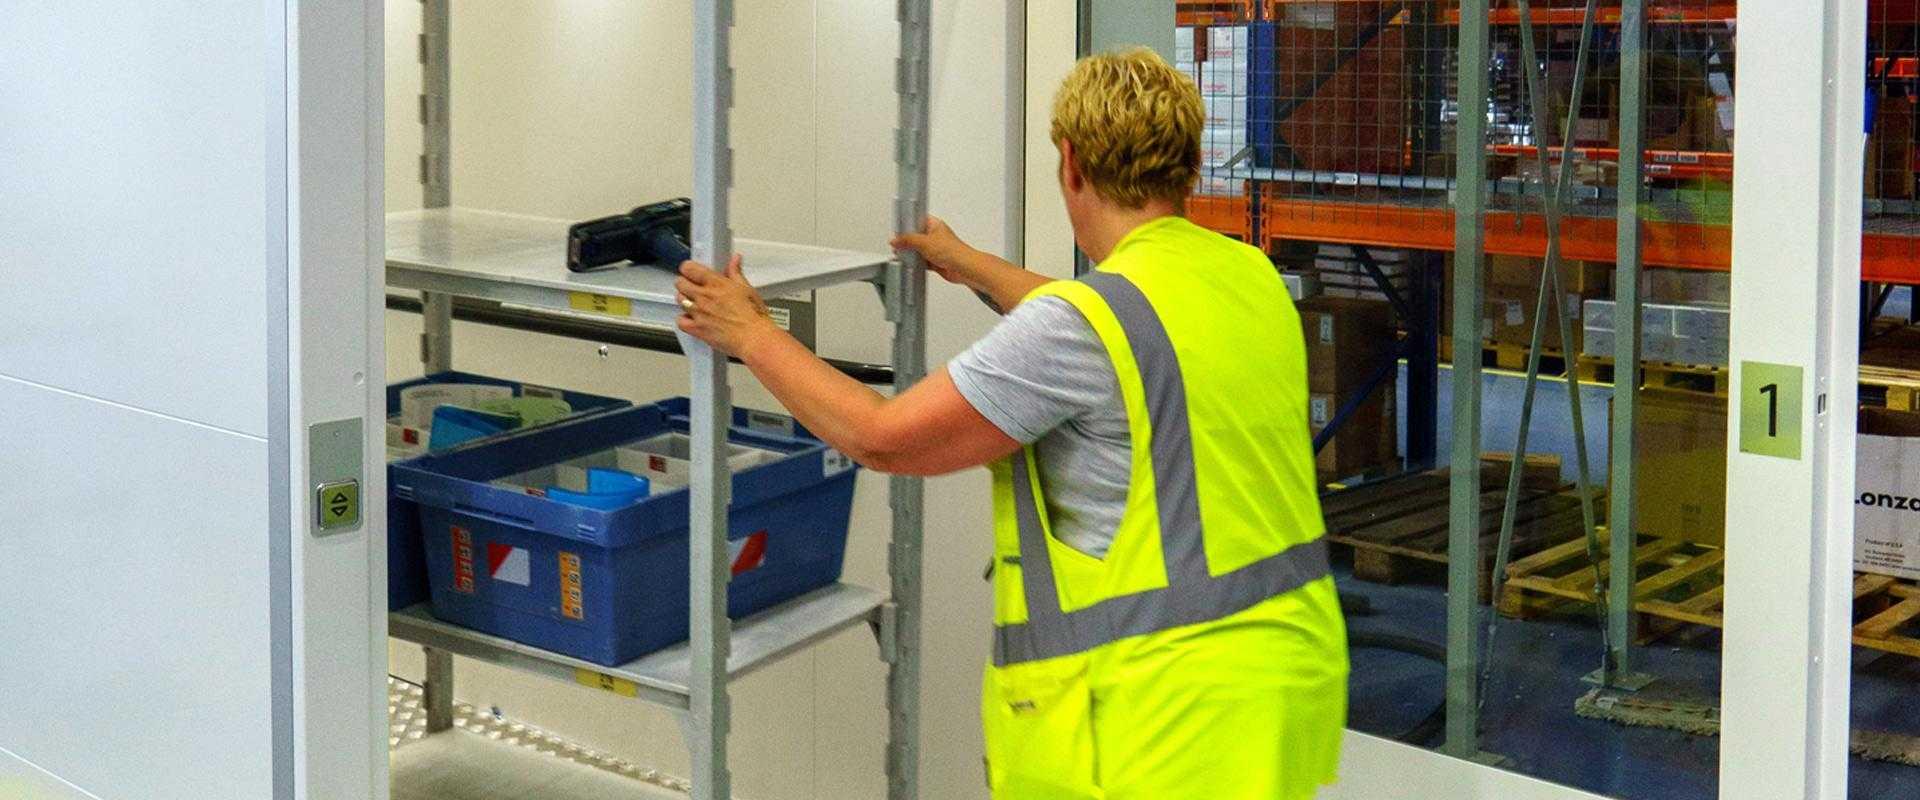 Rek wordt geplaatst in personengoederenlift